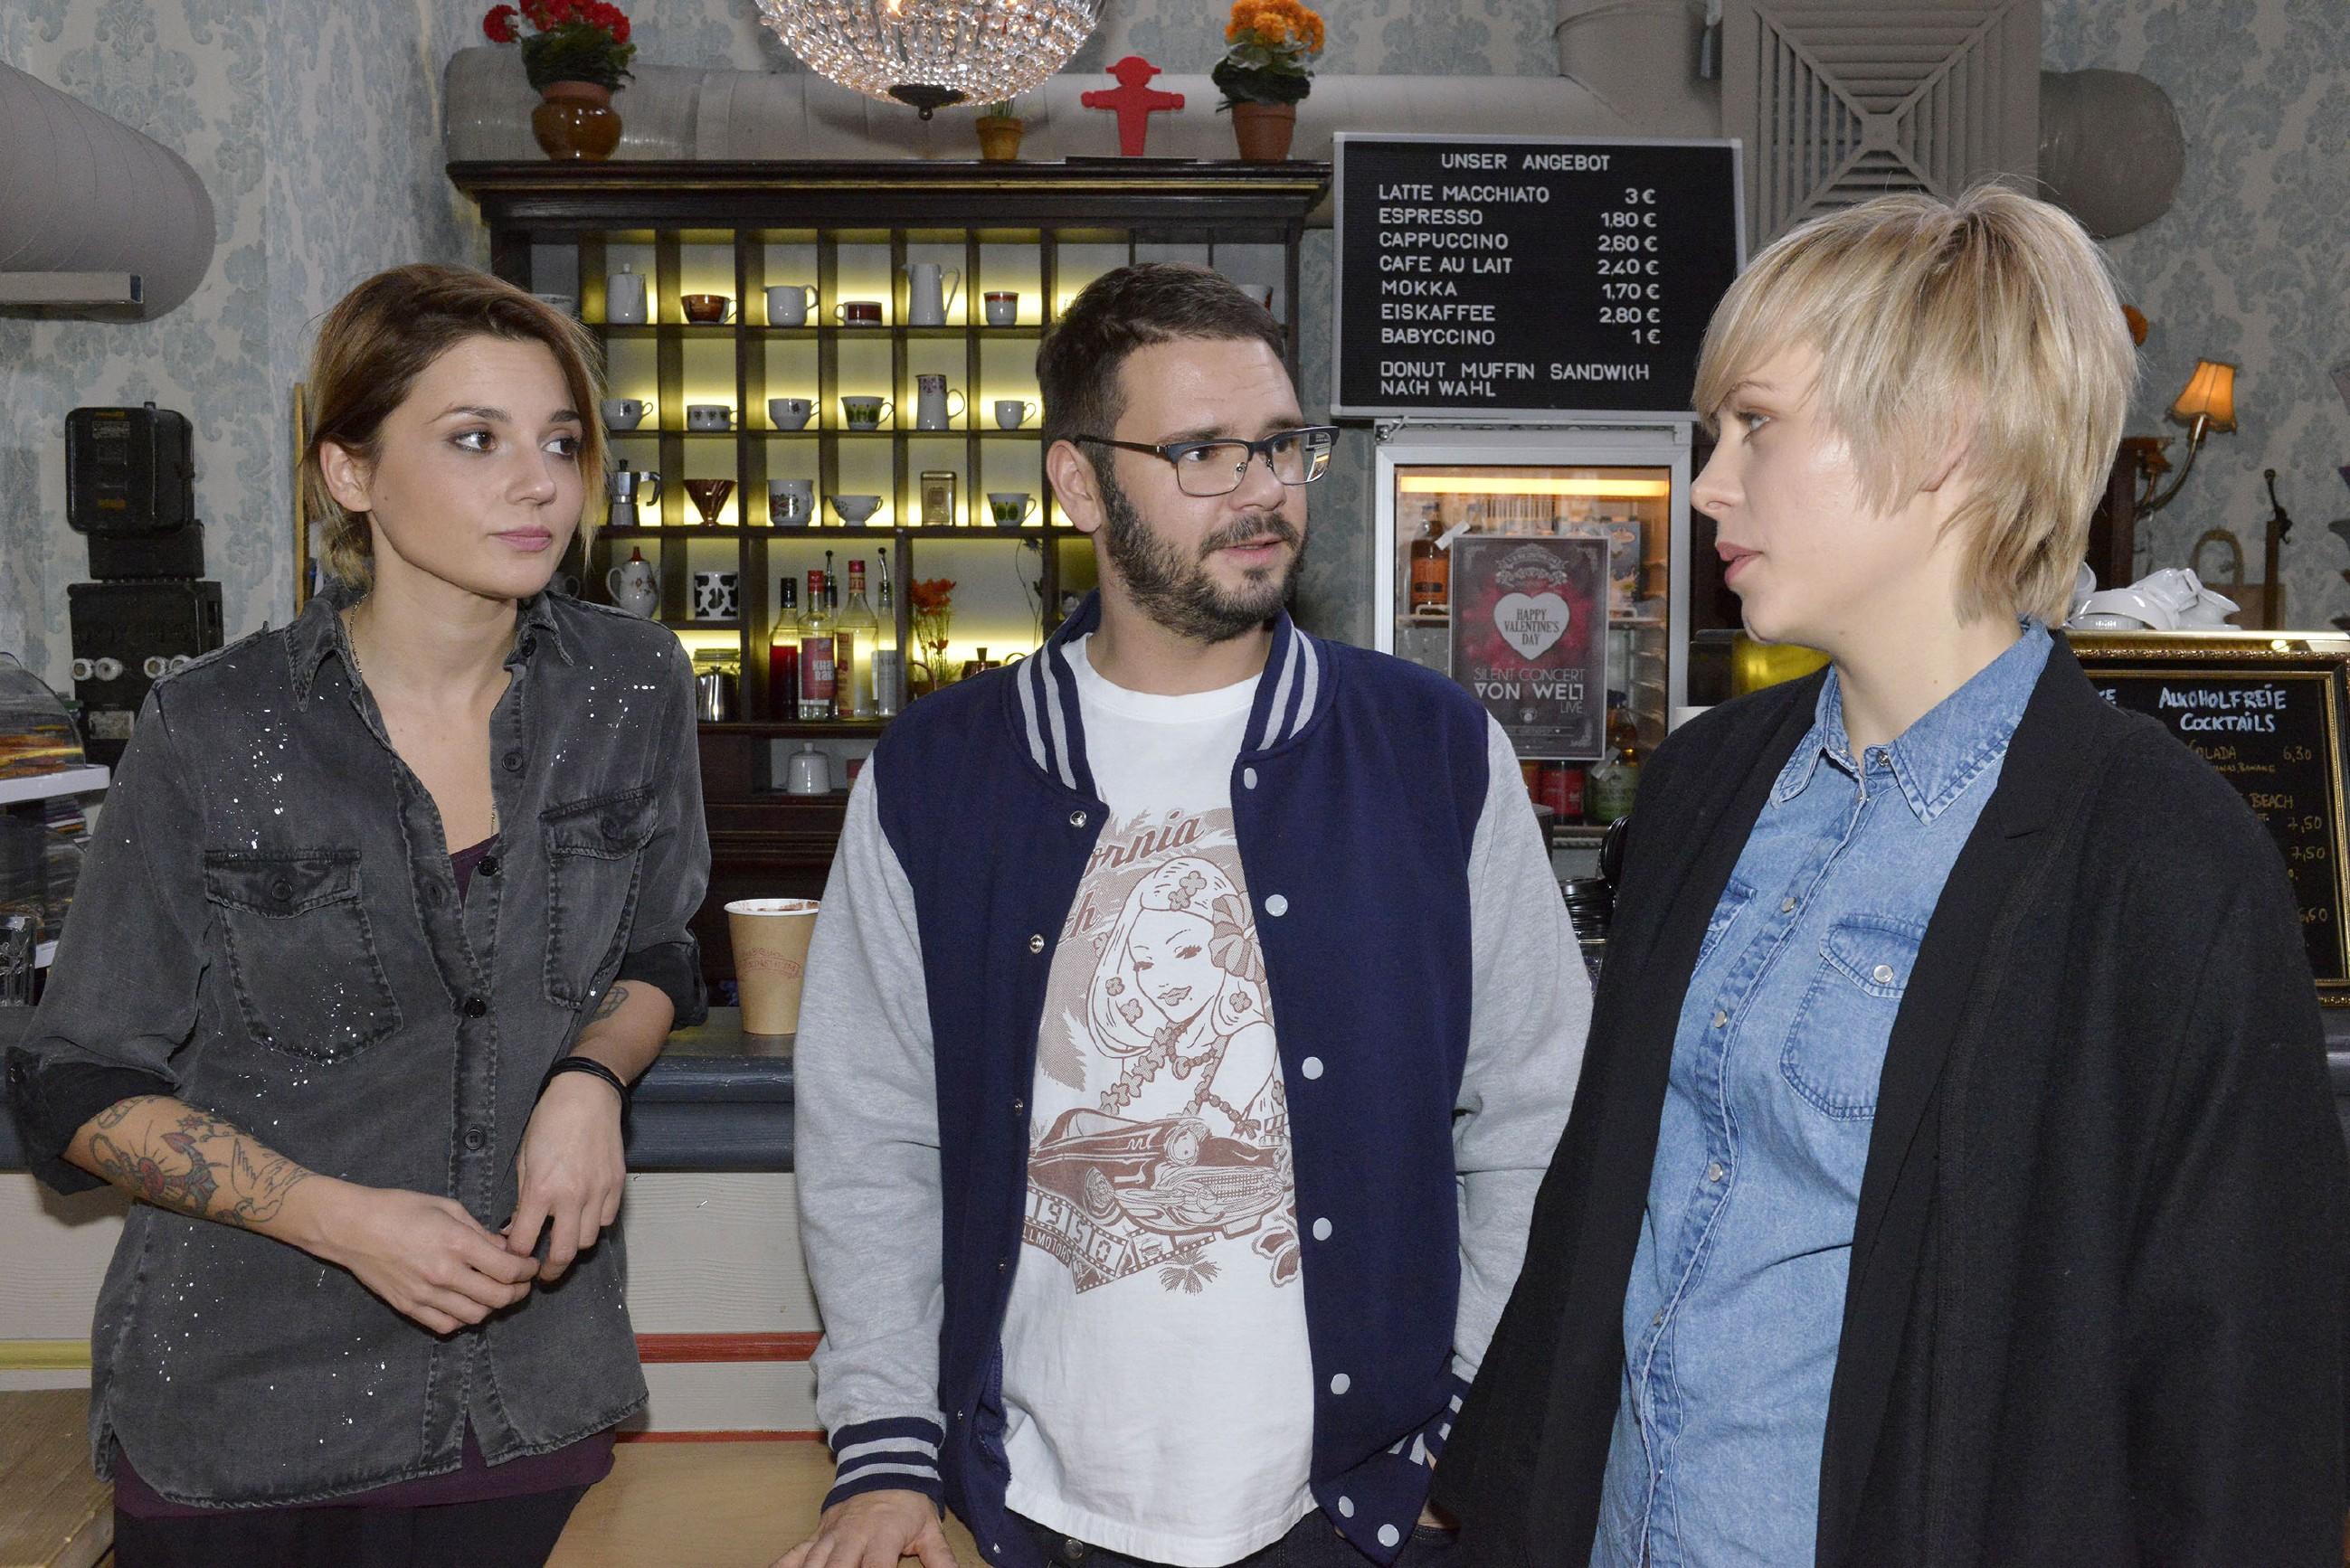 Anni (Linda Marlen Runge, l.) und Tuner (Thomas Drechsel) verweigern der Journalistin Viola Peters (Jasmin Wyszka) Auskünfte über Katrin.